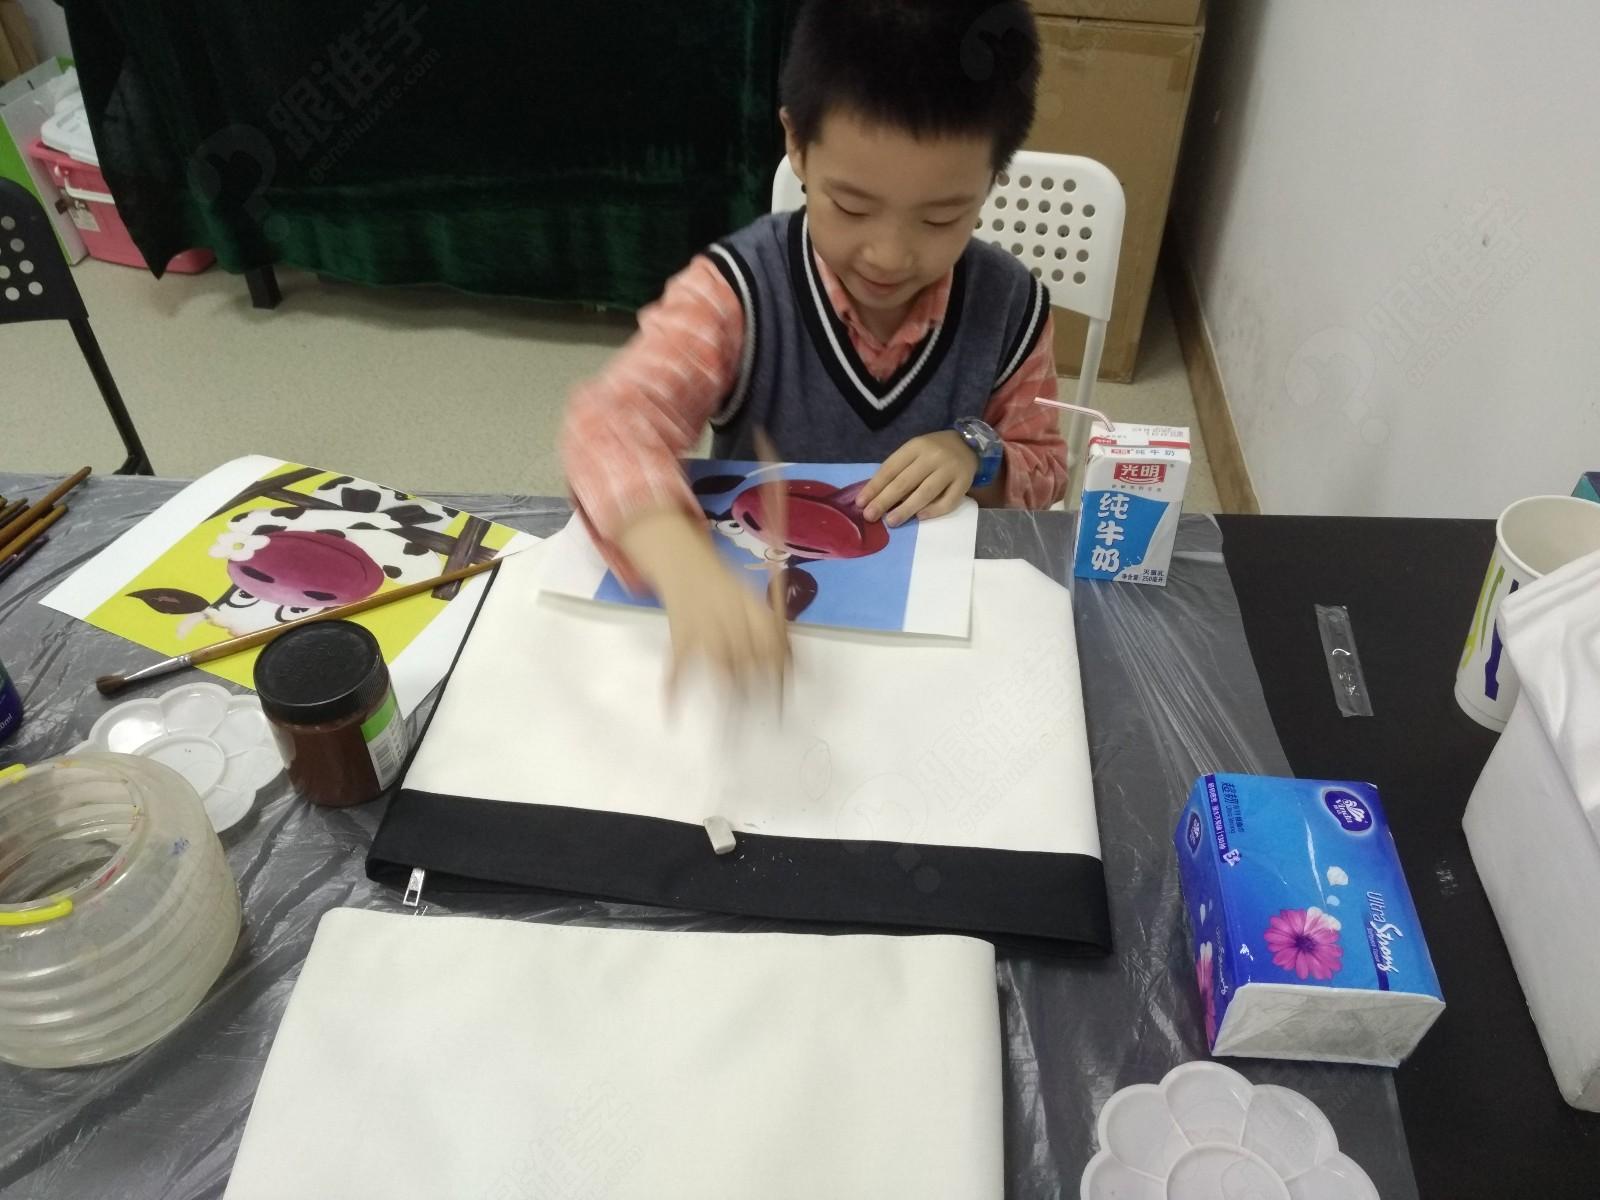 【免费】手绘diy 体验1次 杯子 布袋 酒瓶_创意画_杨